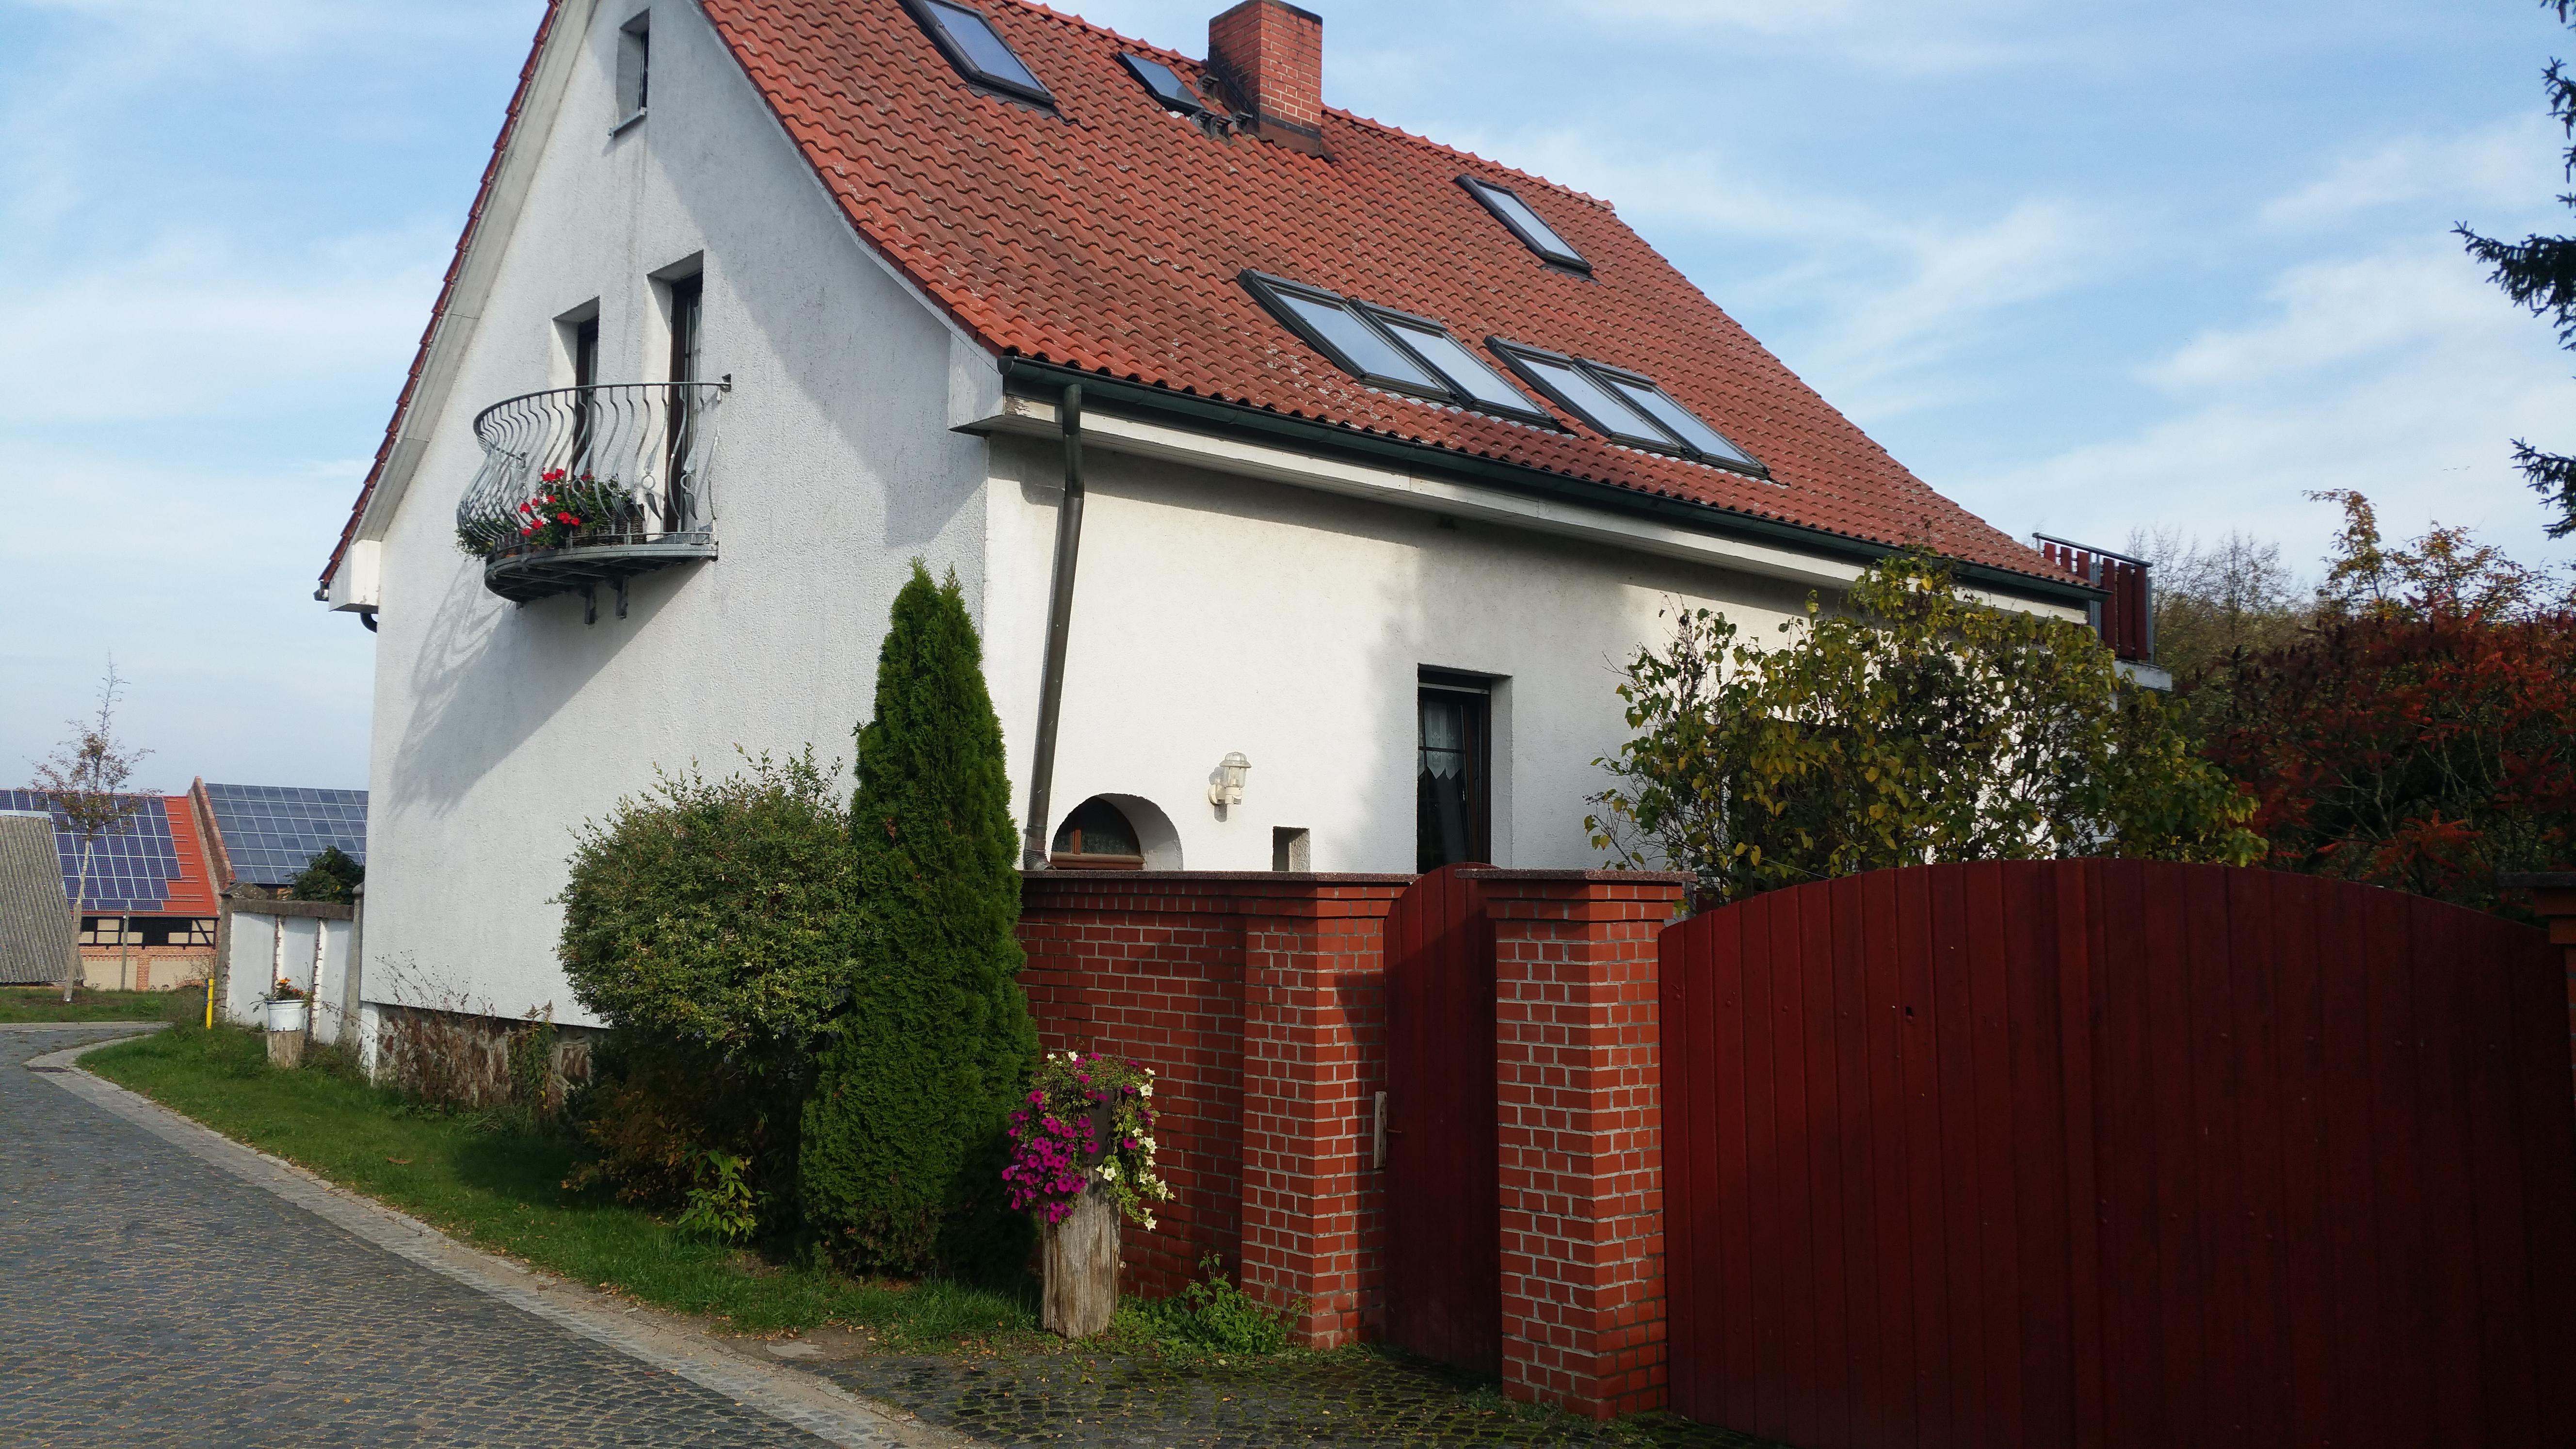 Haus-Uckermark-2